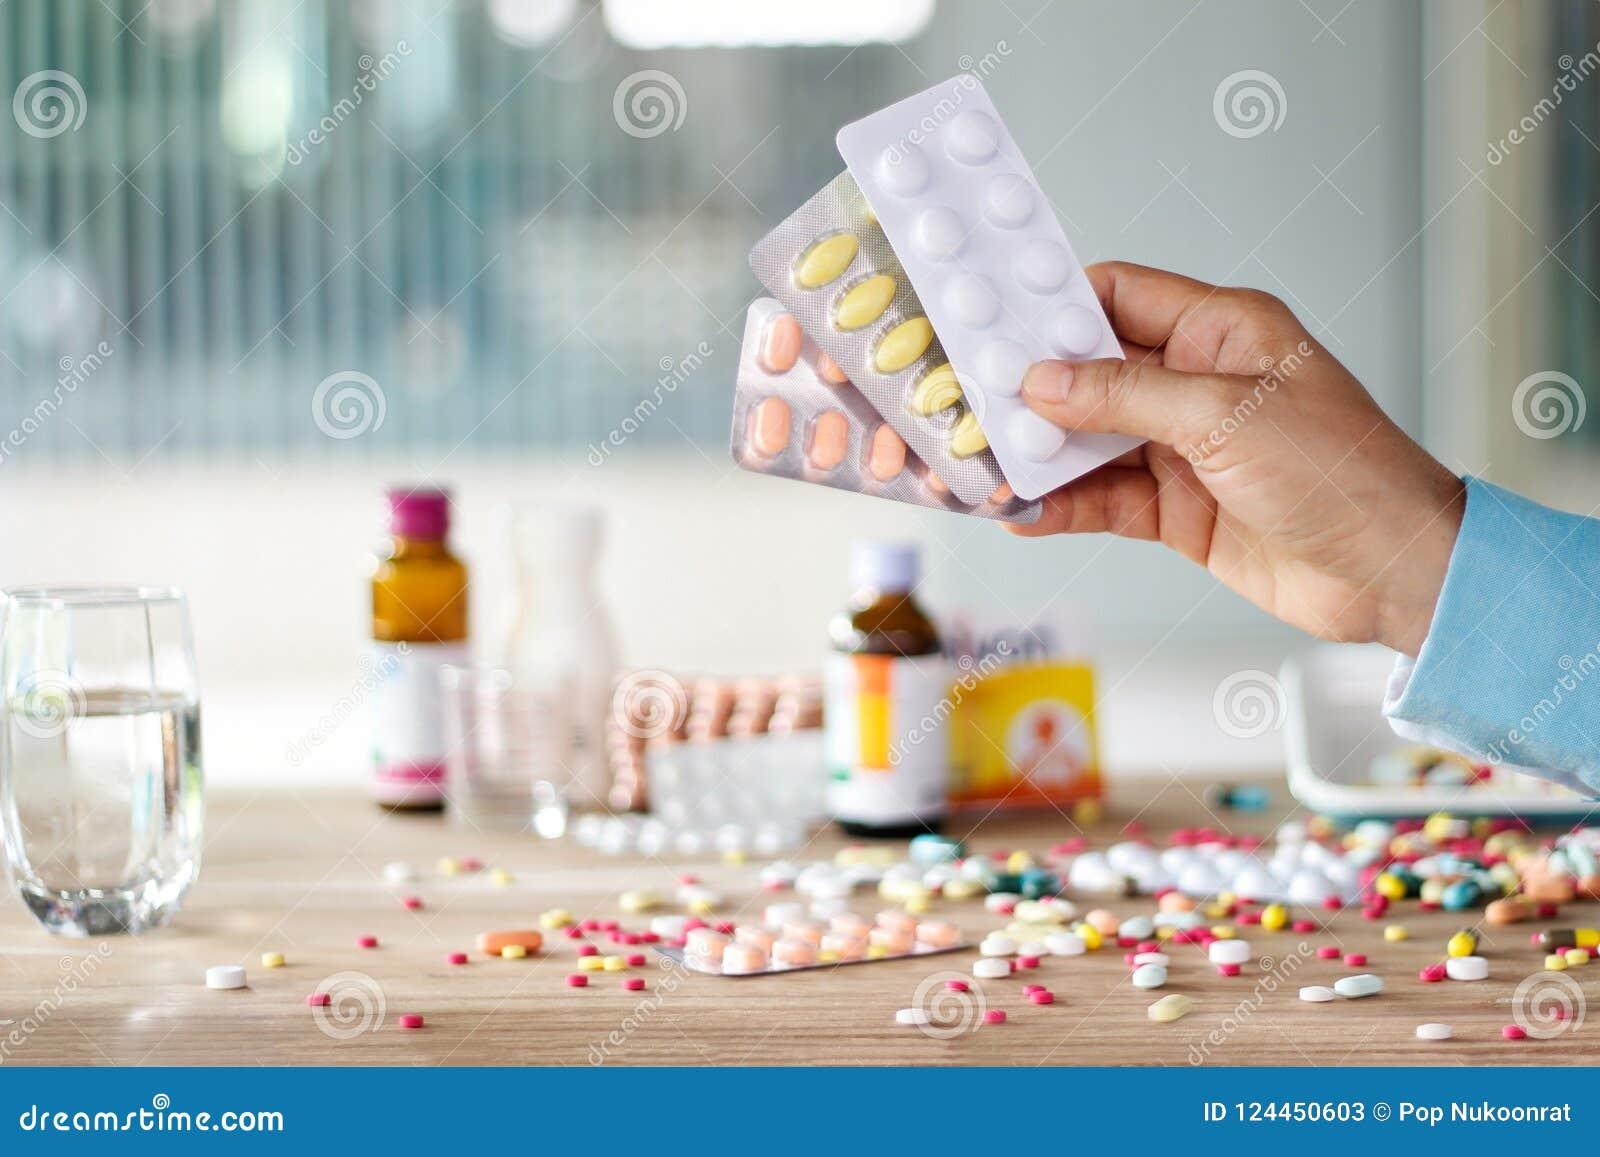 De geneesmiddelen van de handholding pillenpak met kleurrijke uitgespreide drugs